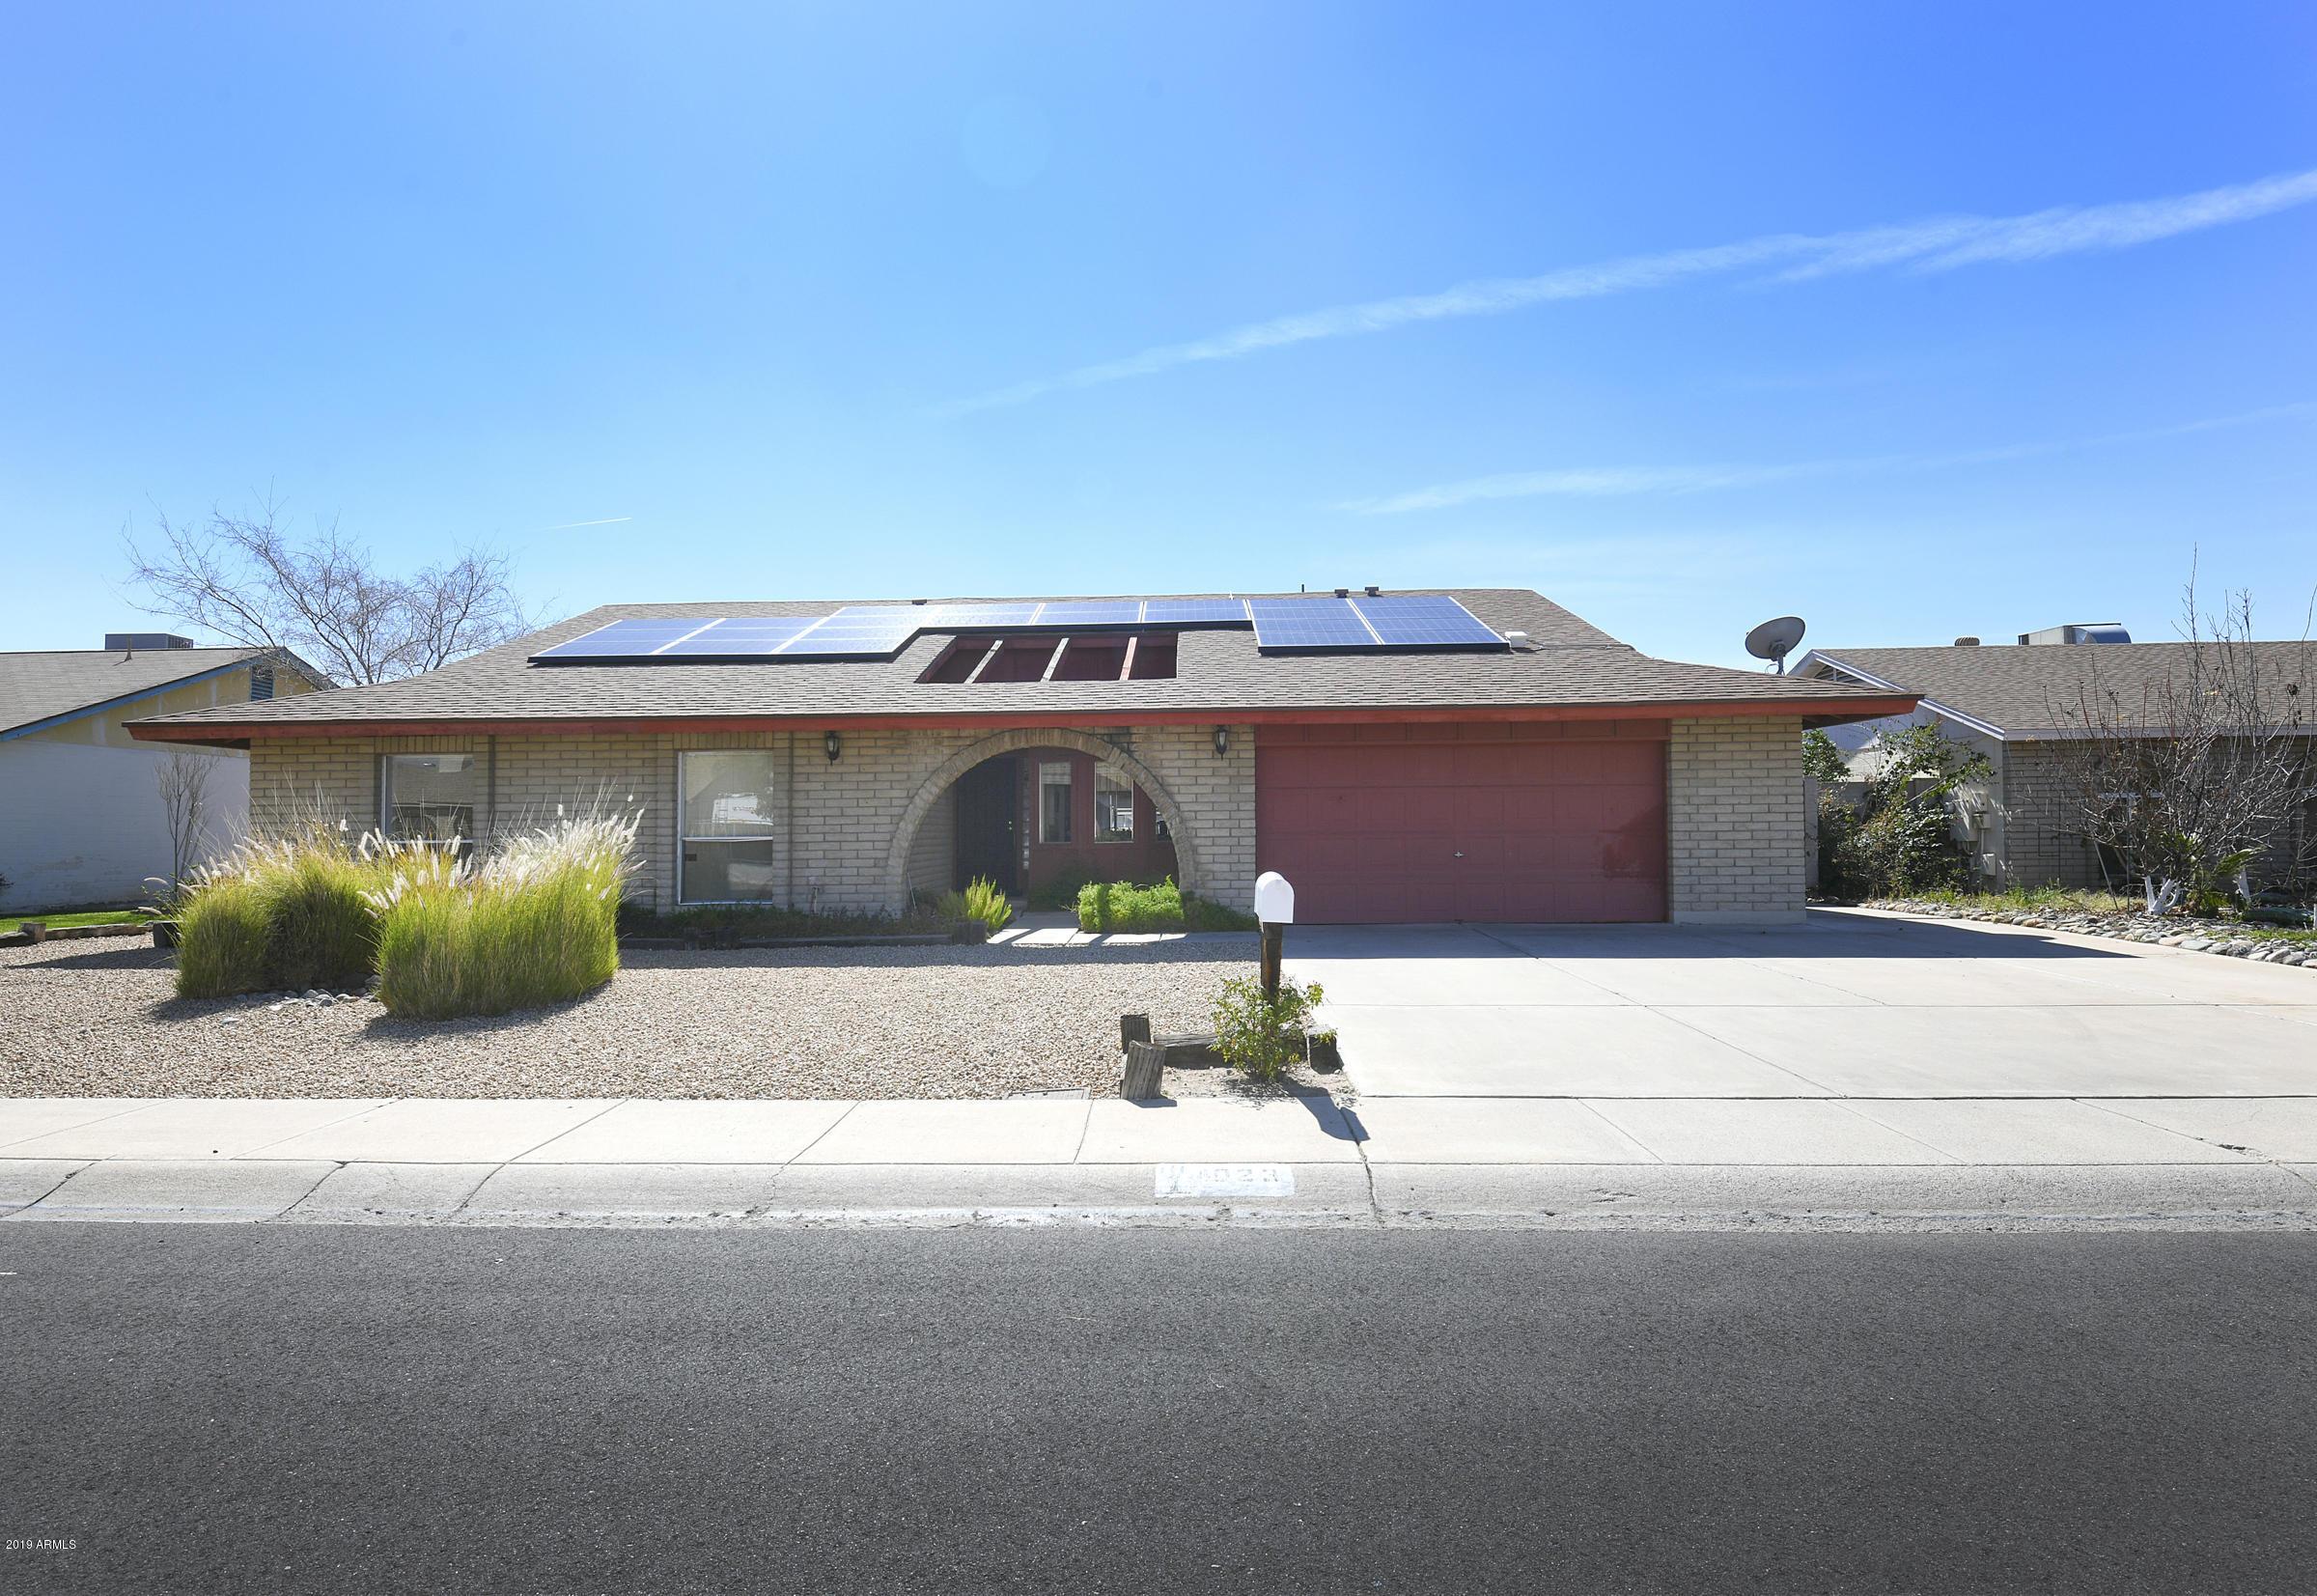 Photo for 4023 W Joan De Arc Avenue, Phoenix, AZ 85029 (MLS # 5890517)